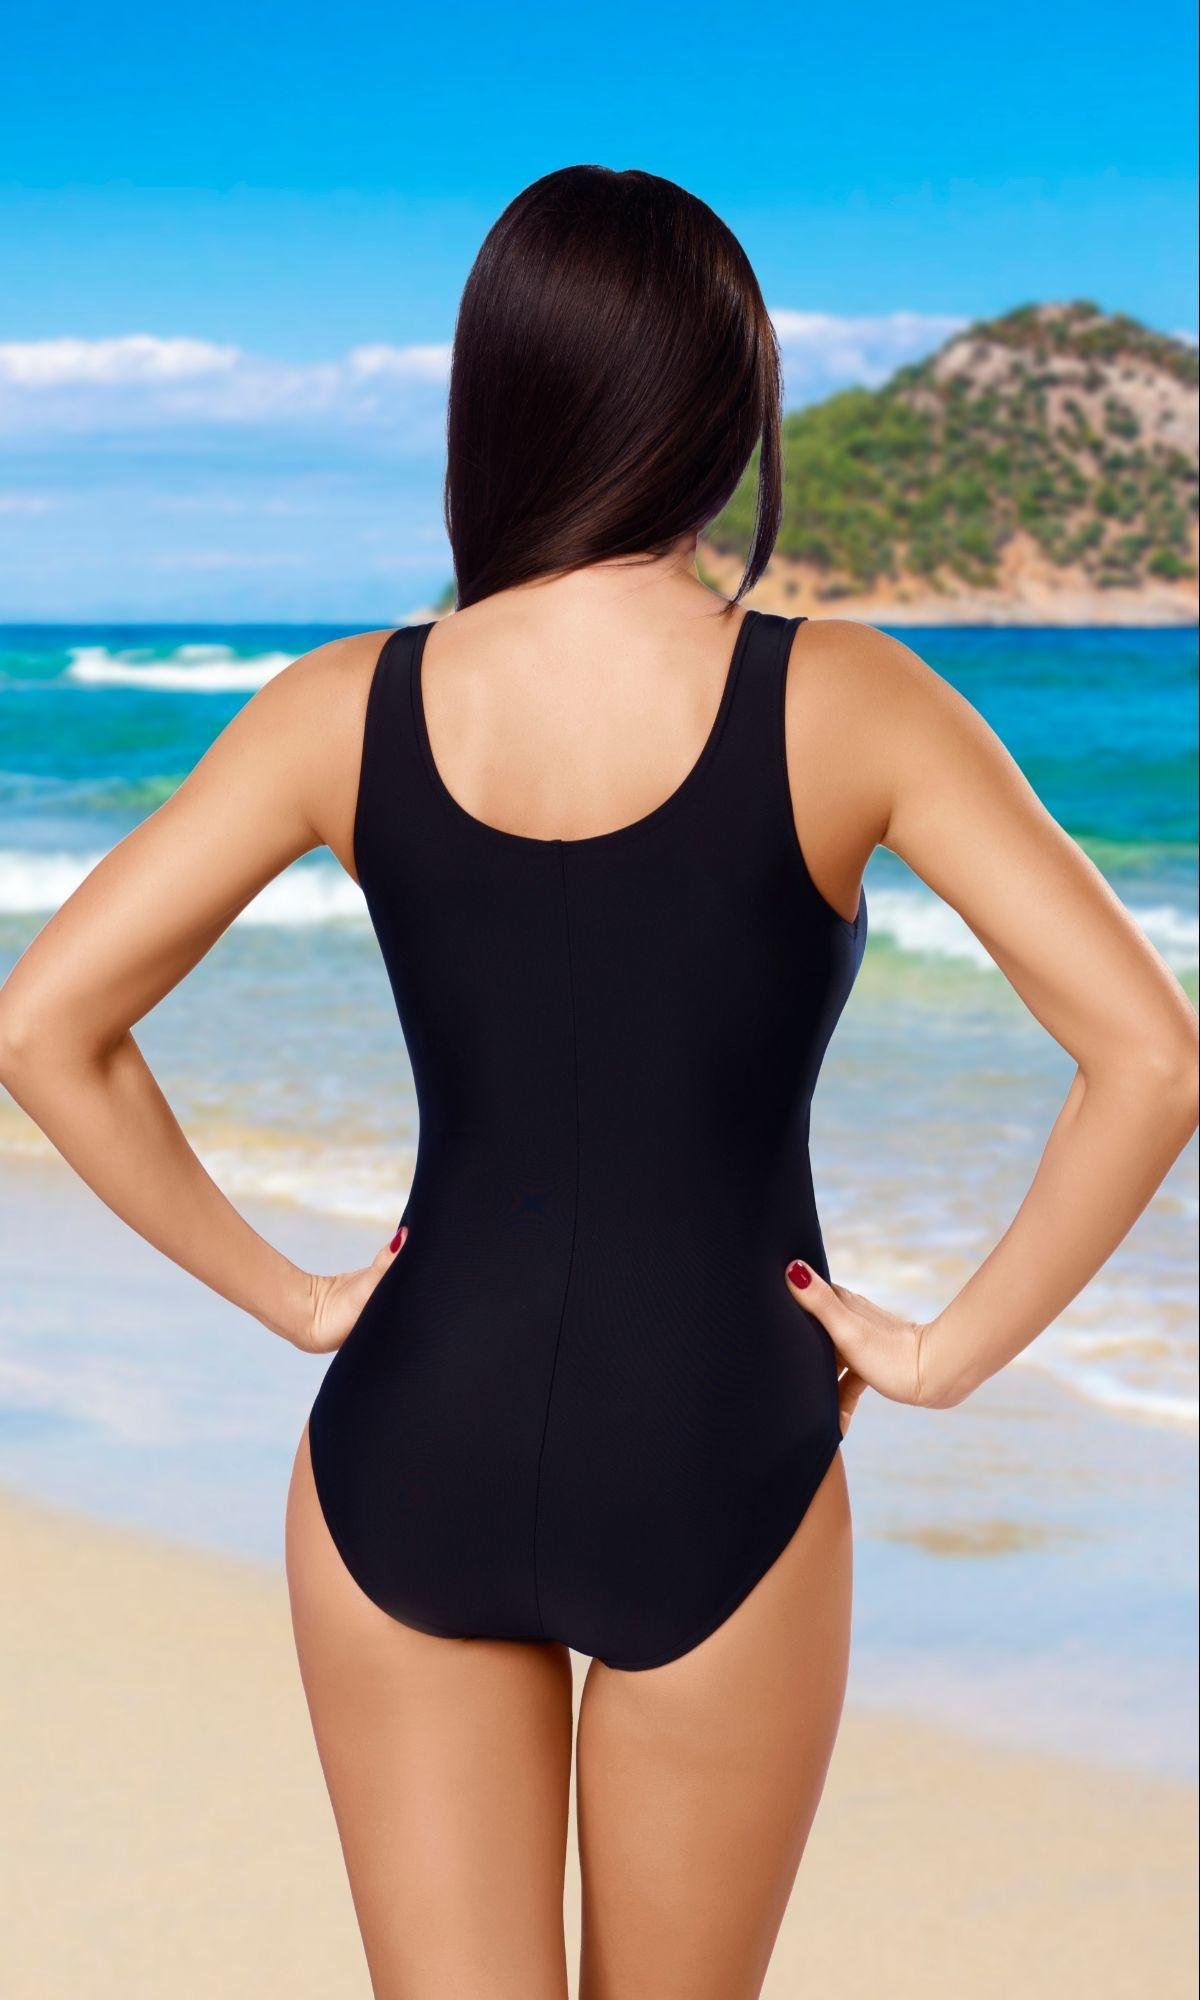 Jednodílné sportovní plavky Liana černé Jednodílné sportovní plavky Liana  černé ffa752b863